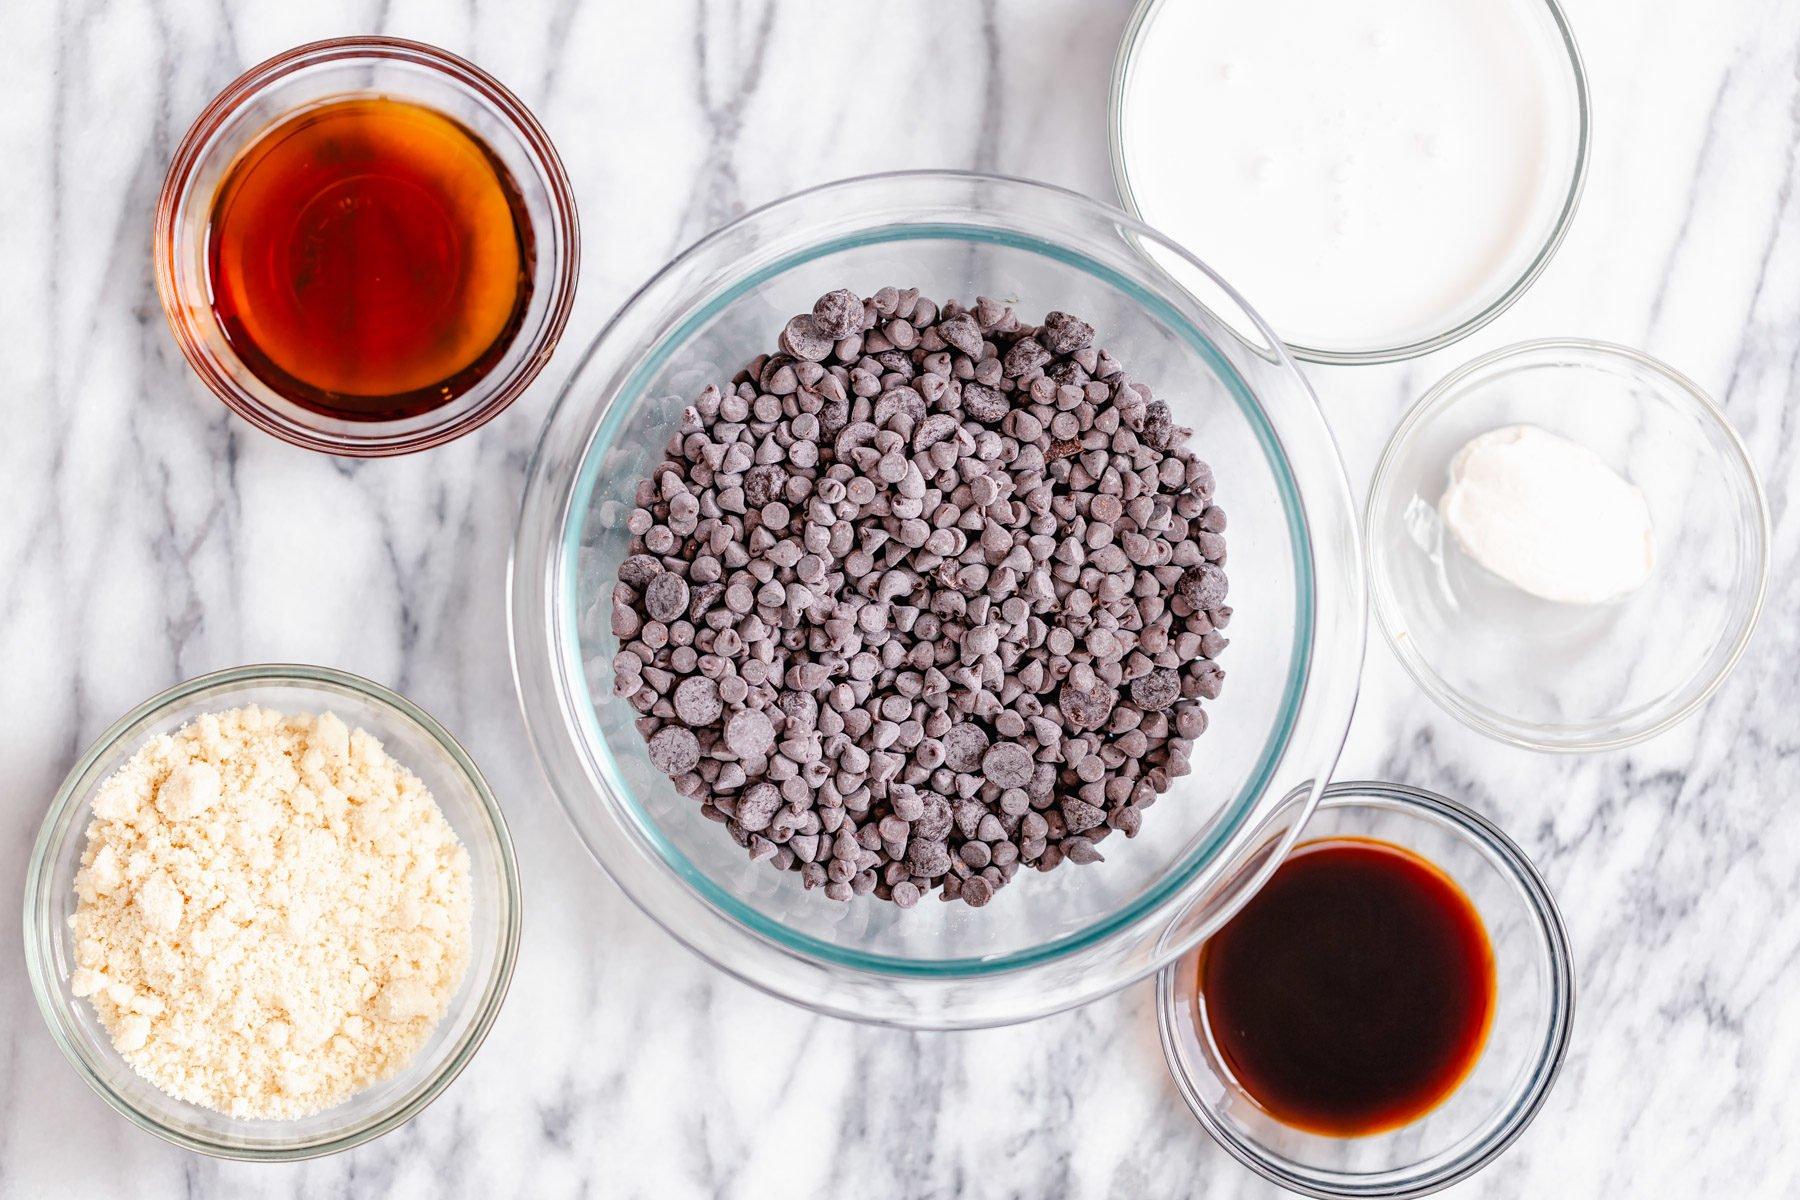 ingredients used for making vegan tiramisu truffles